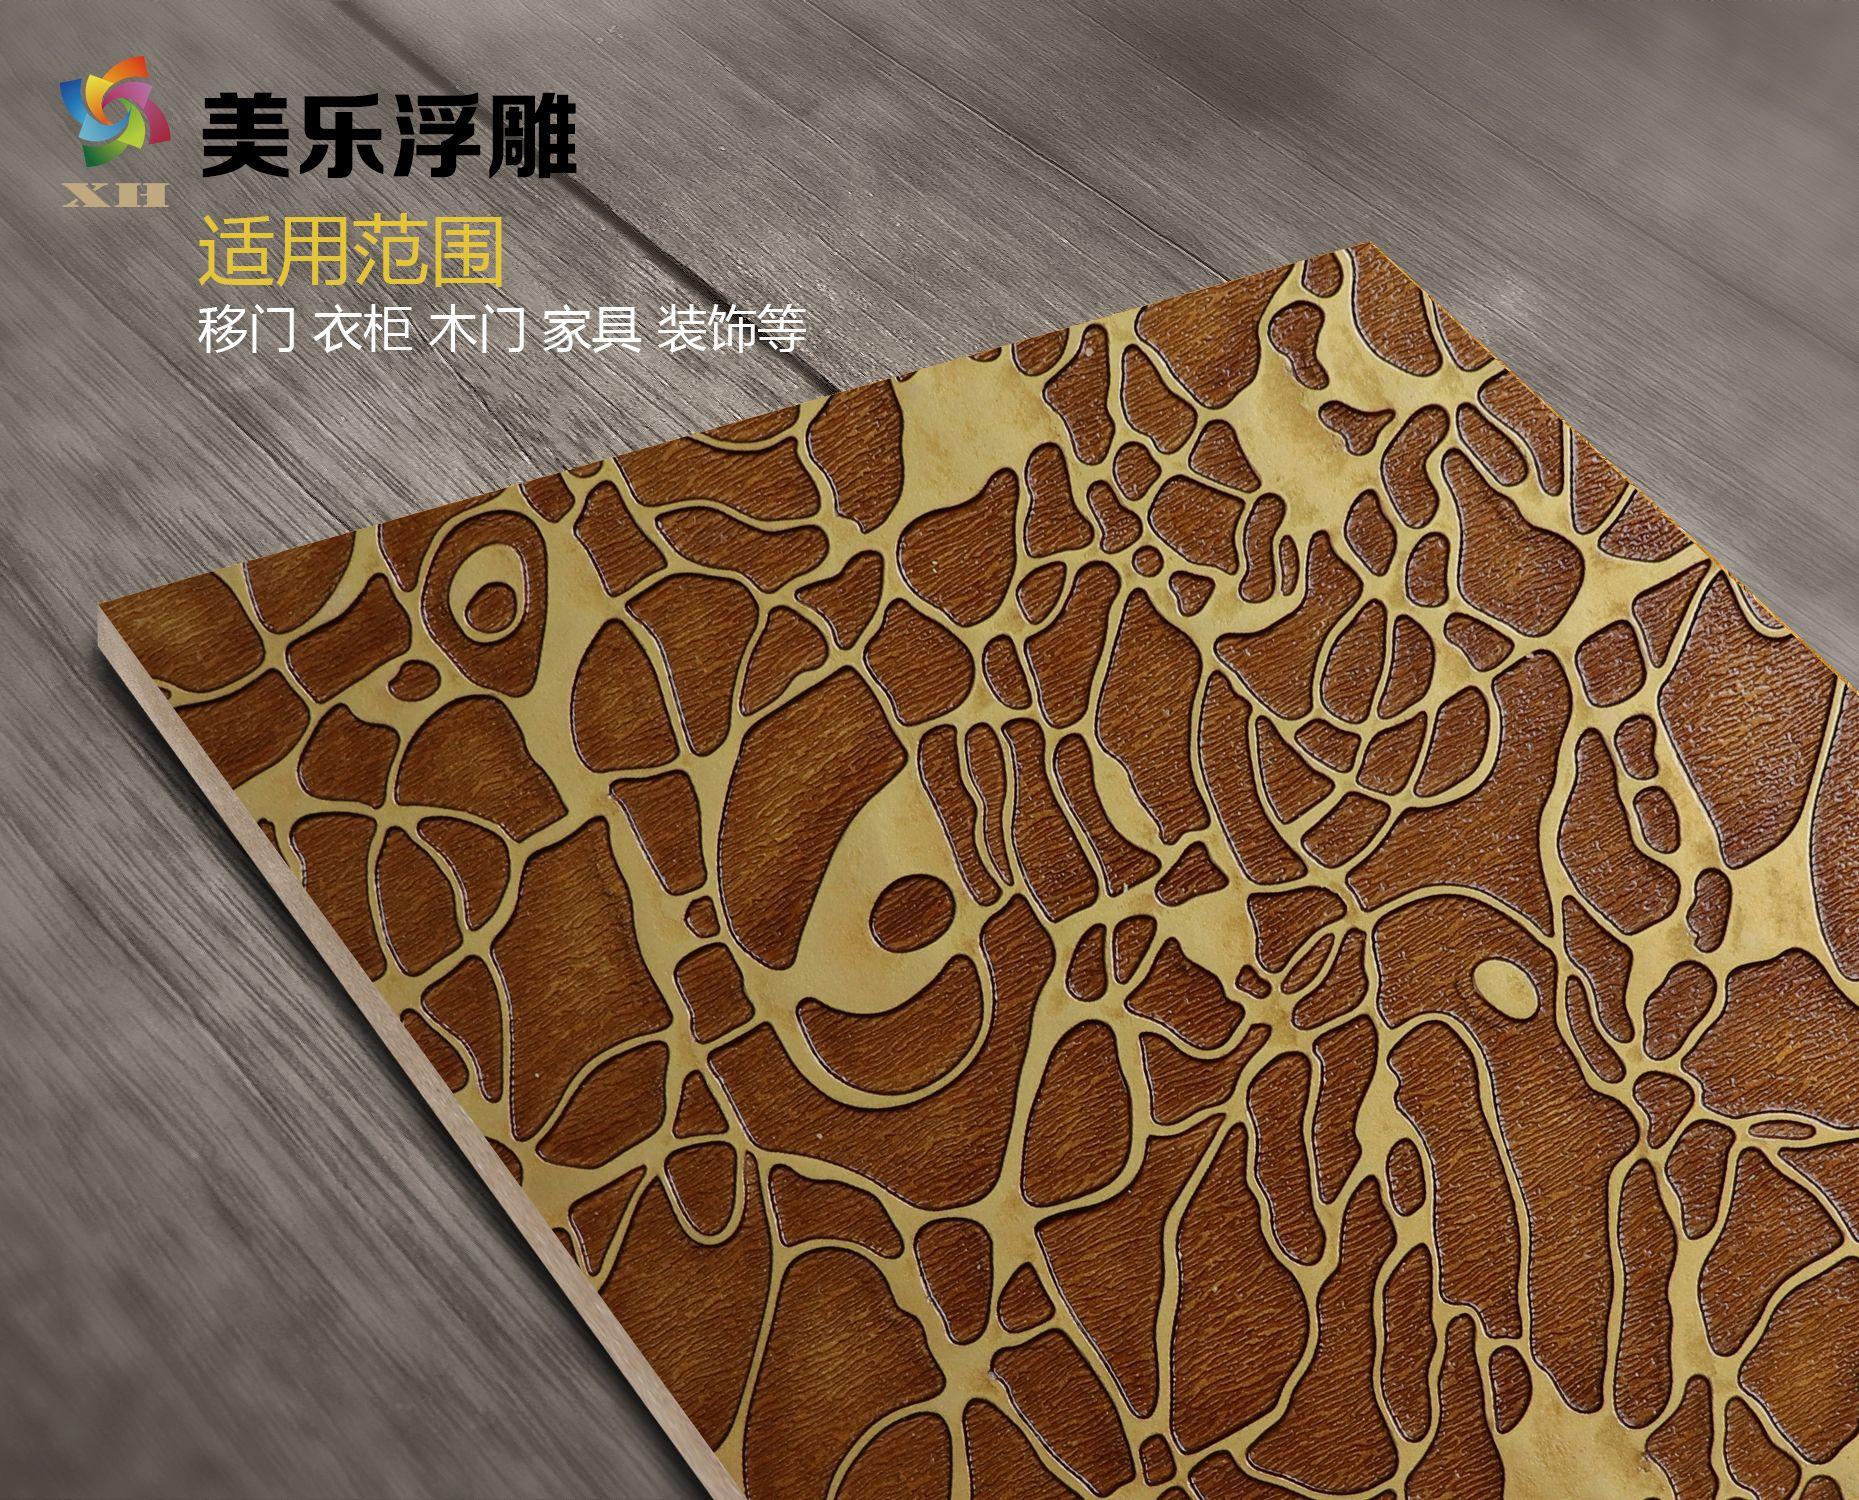 鱿鱼直销立体美乐饰面厂家木模压雕刻波浪印象浮雕条200g图片